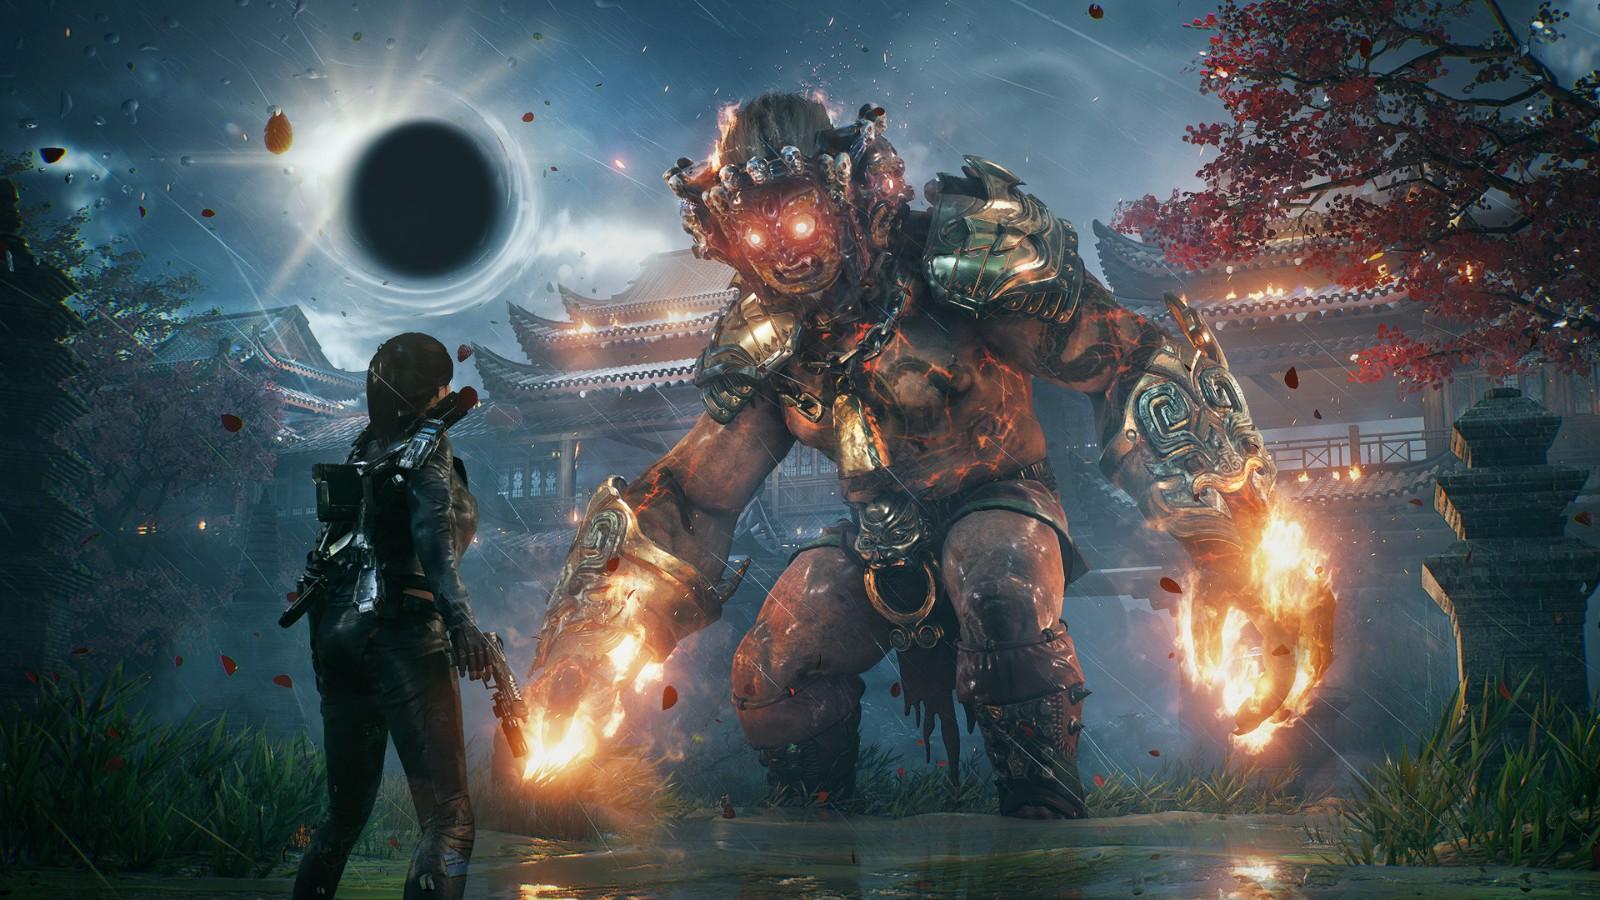 《光明记忆:无限》发布全新宣传片 战斗场面超刺激